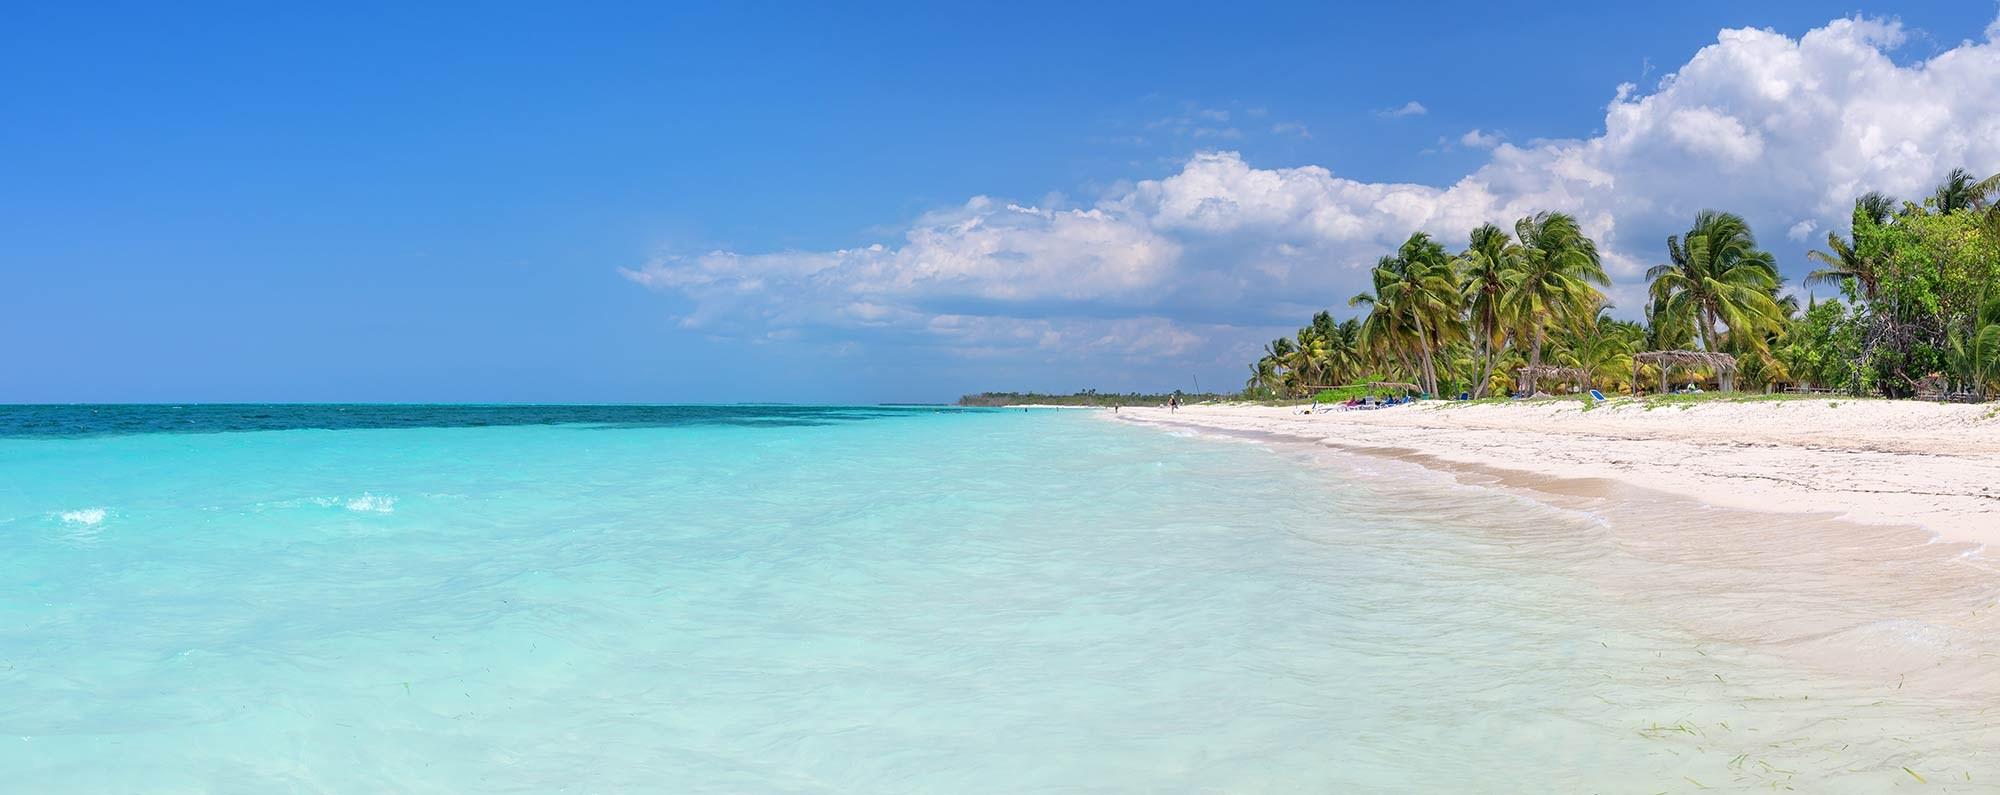 Yacht charter in Cuba